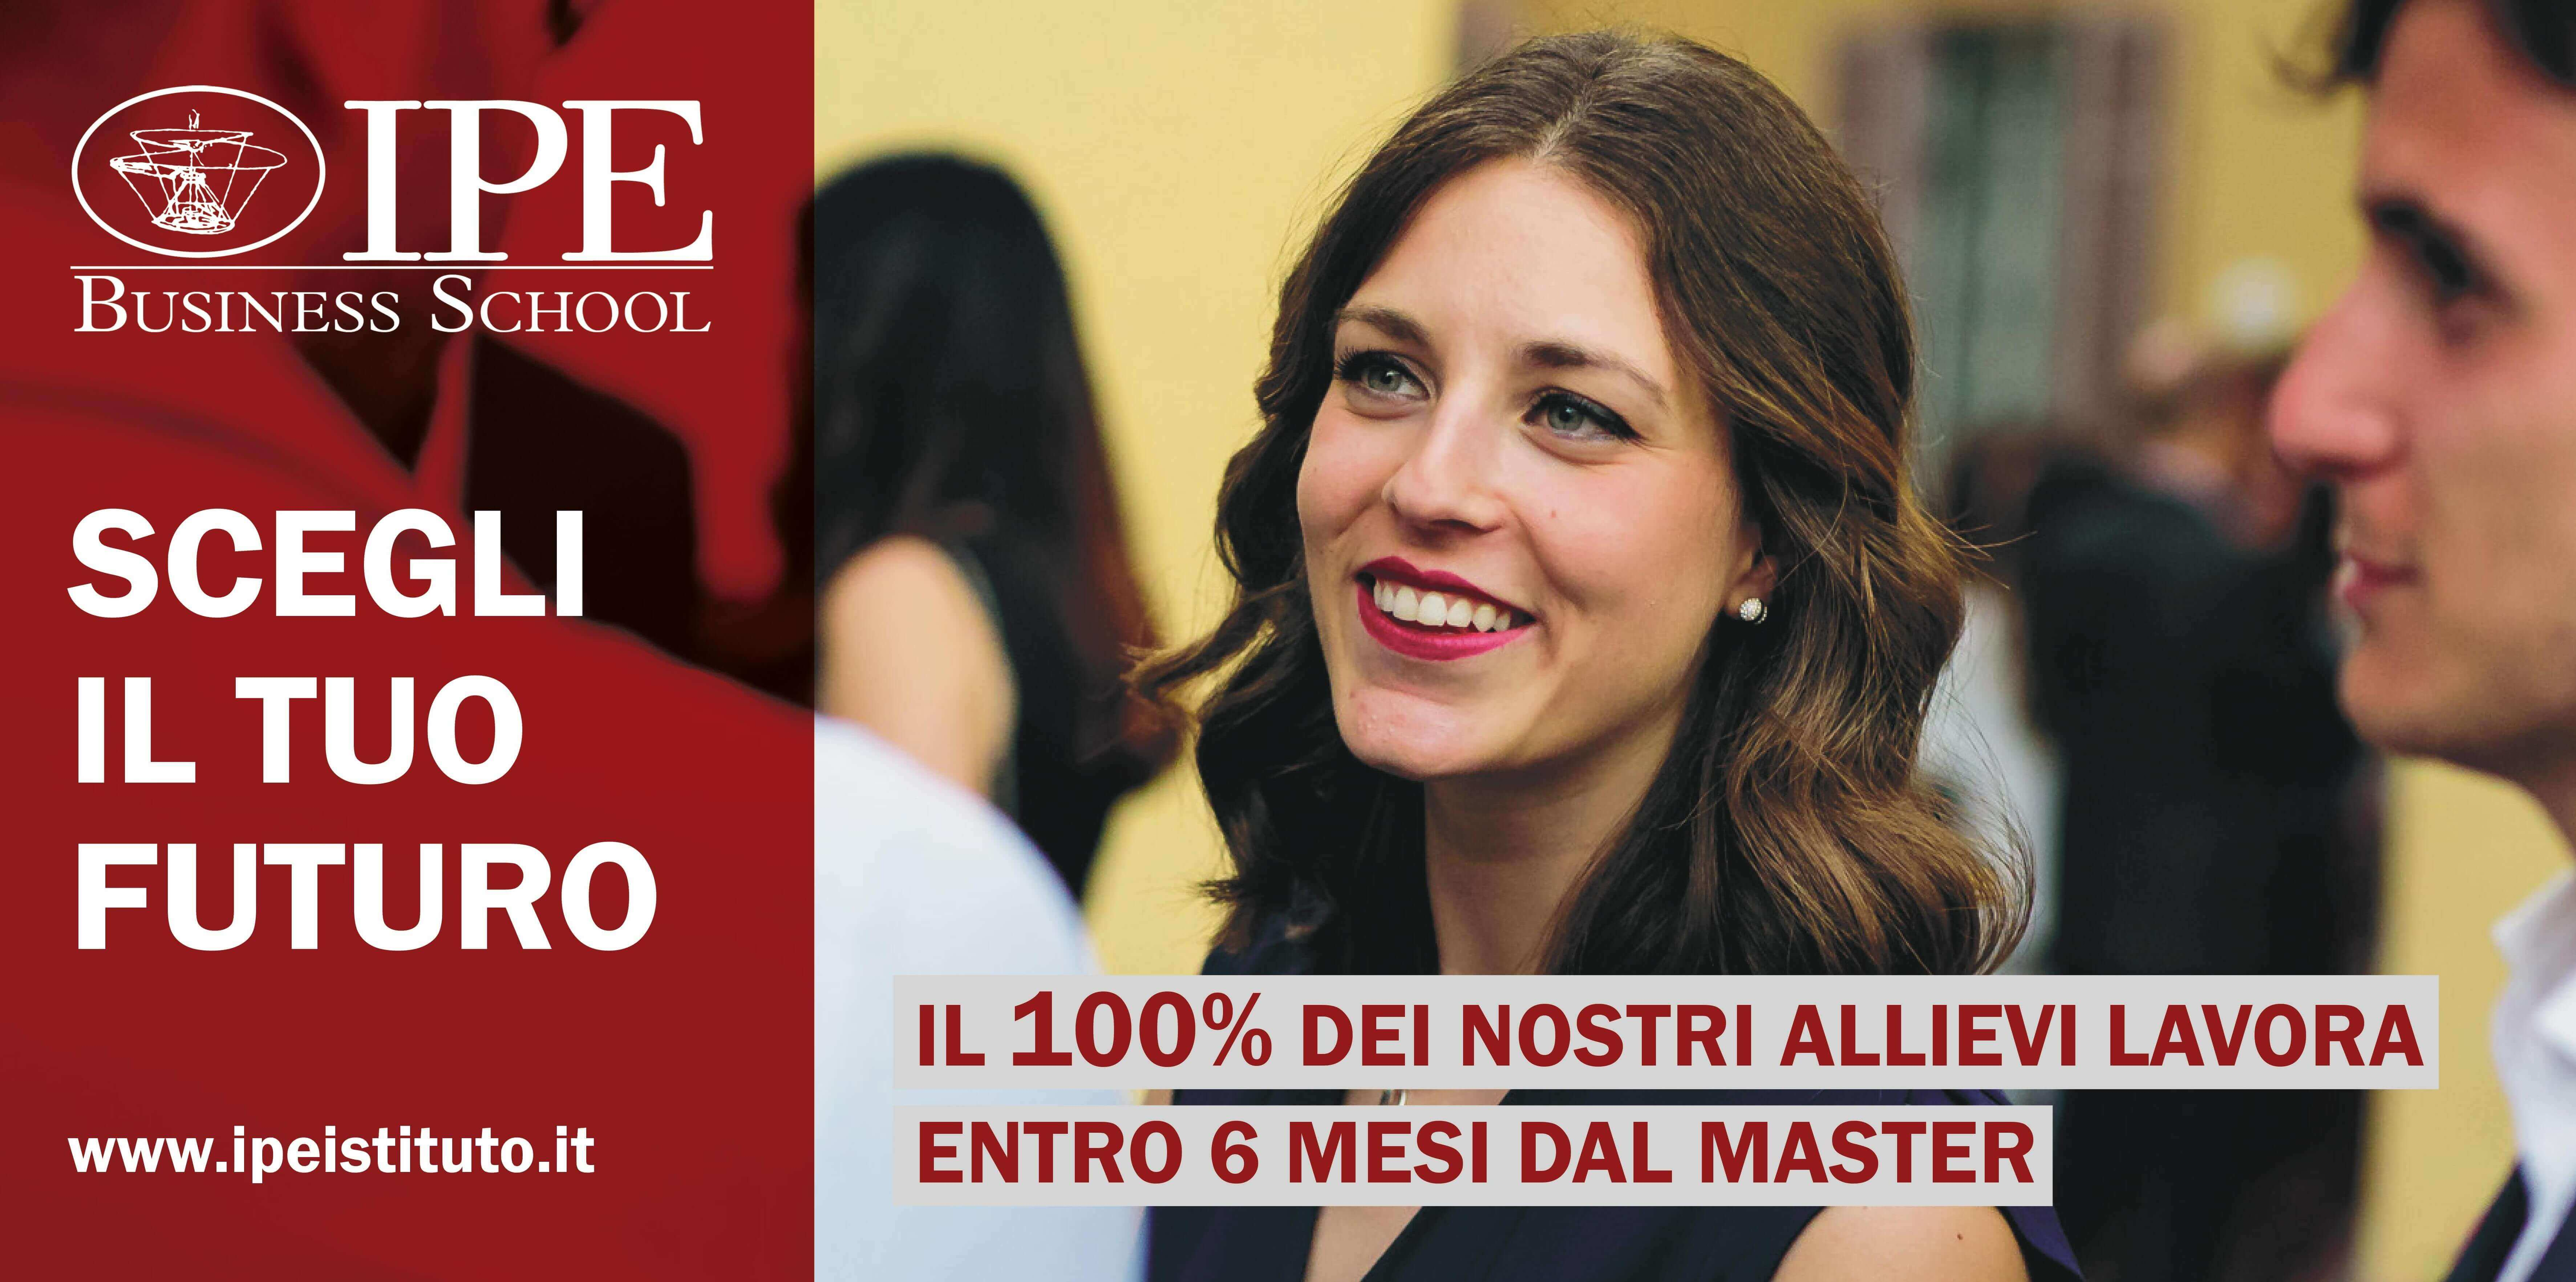 Cerchiamo talenti per i Master IPE Business School